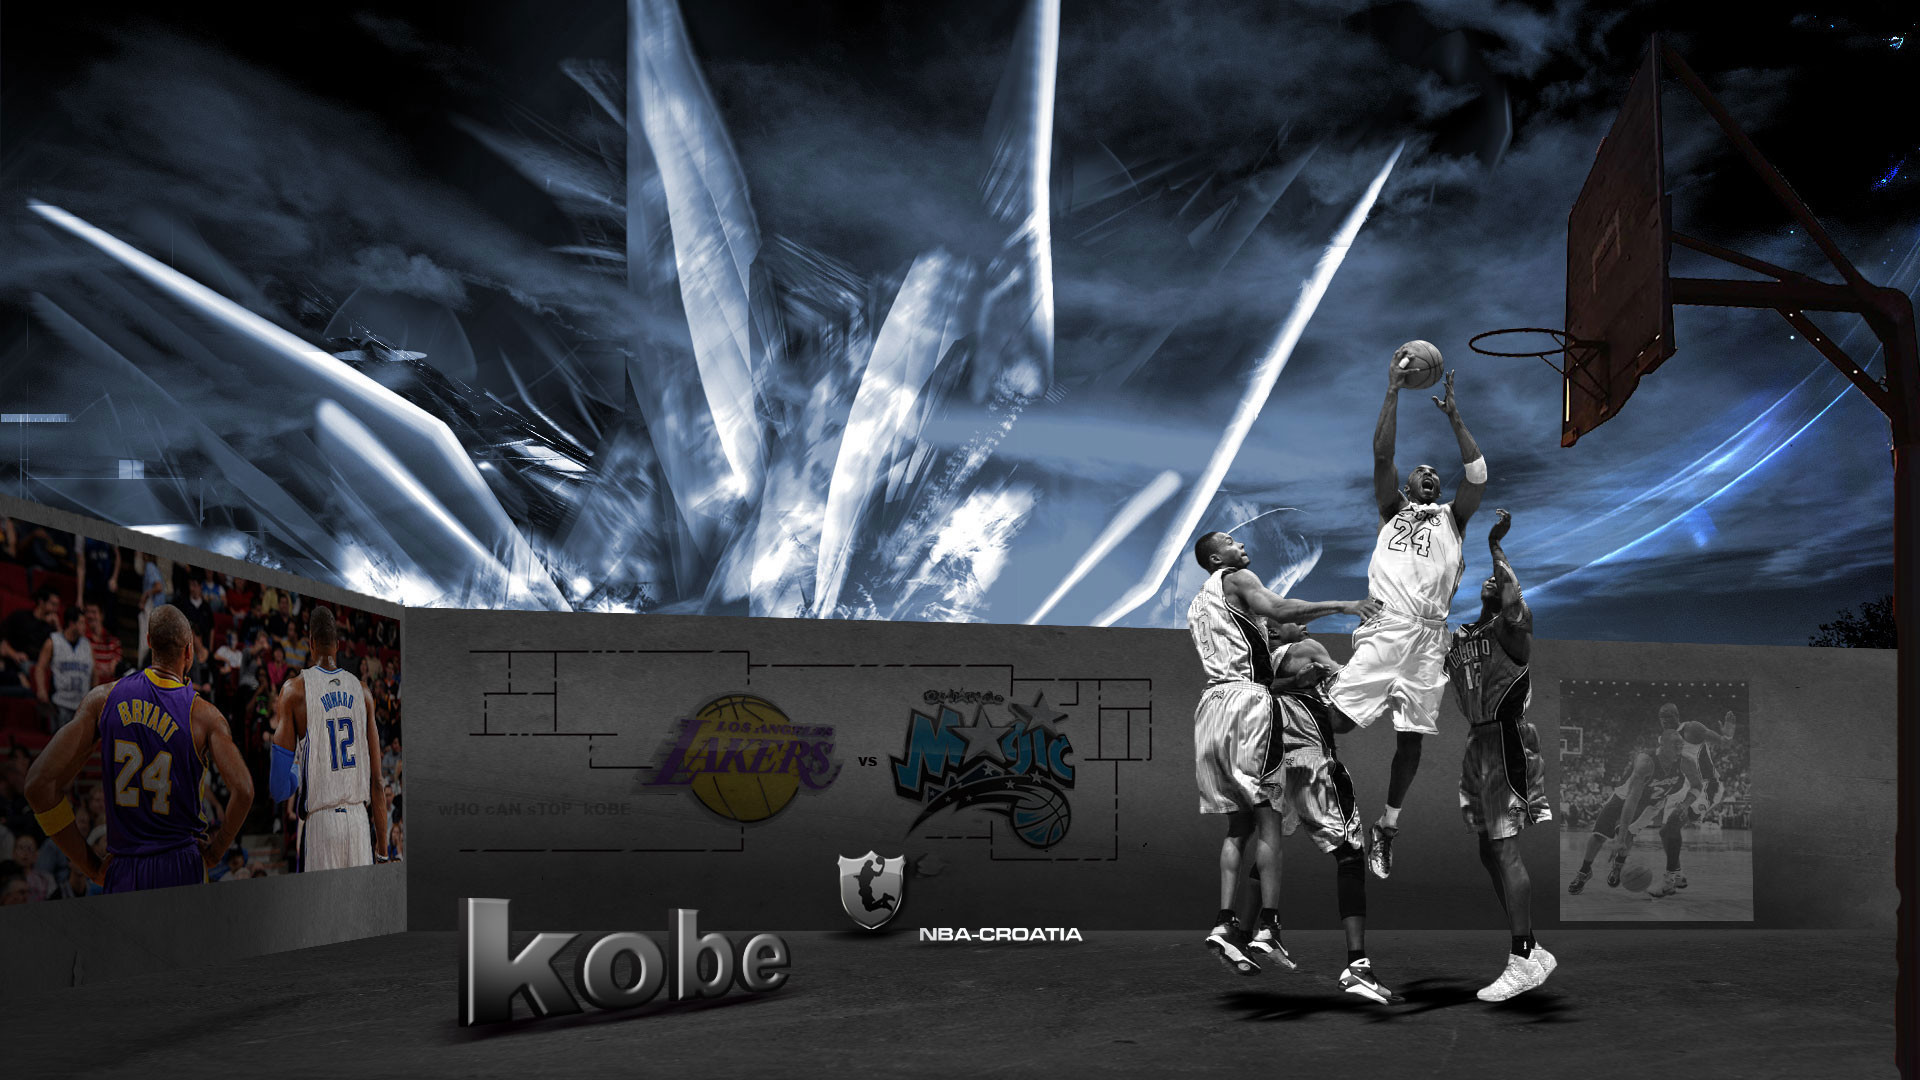 Kobe Bryant 2009 Finals Widescreen Wallpaper